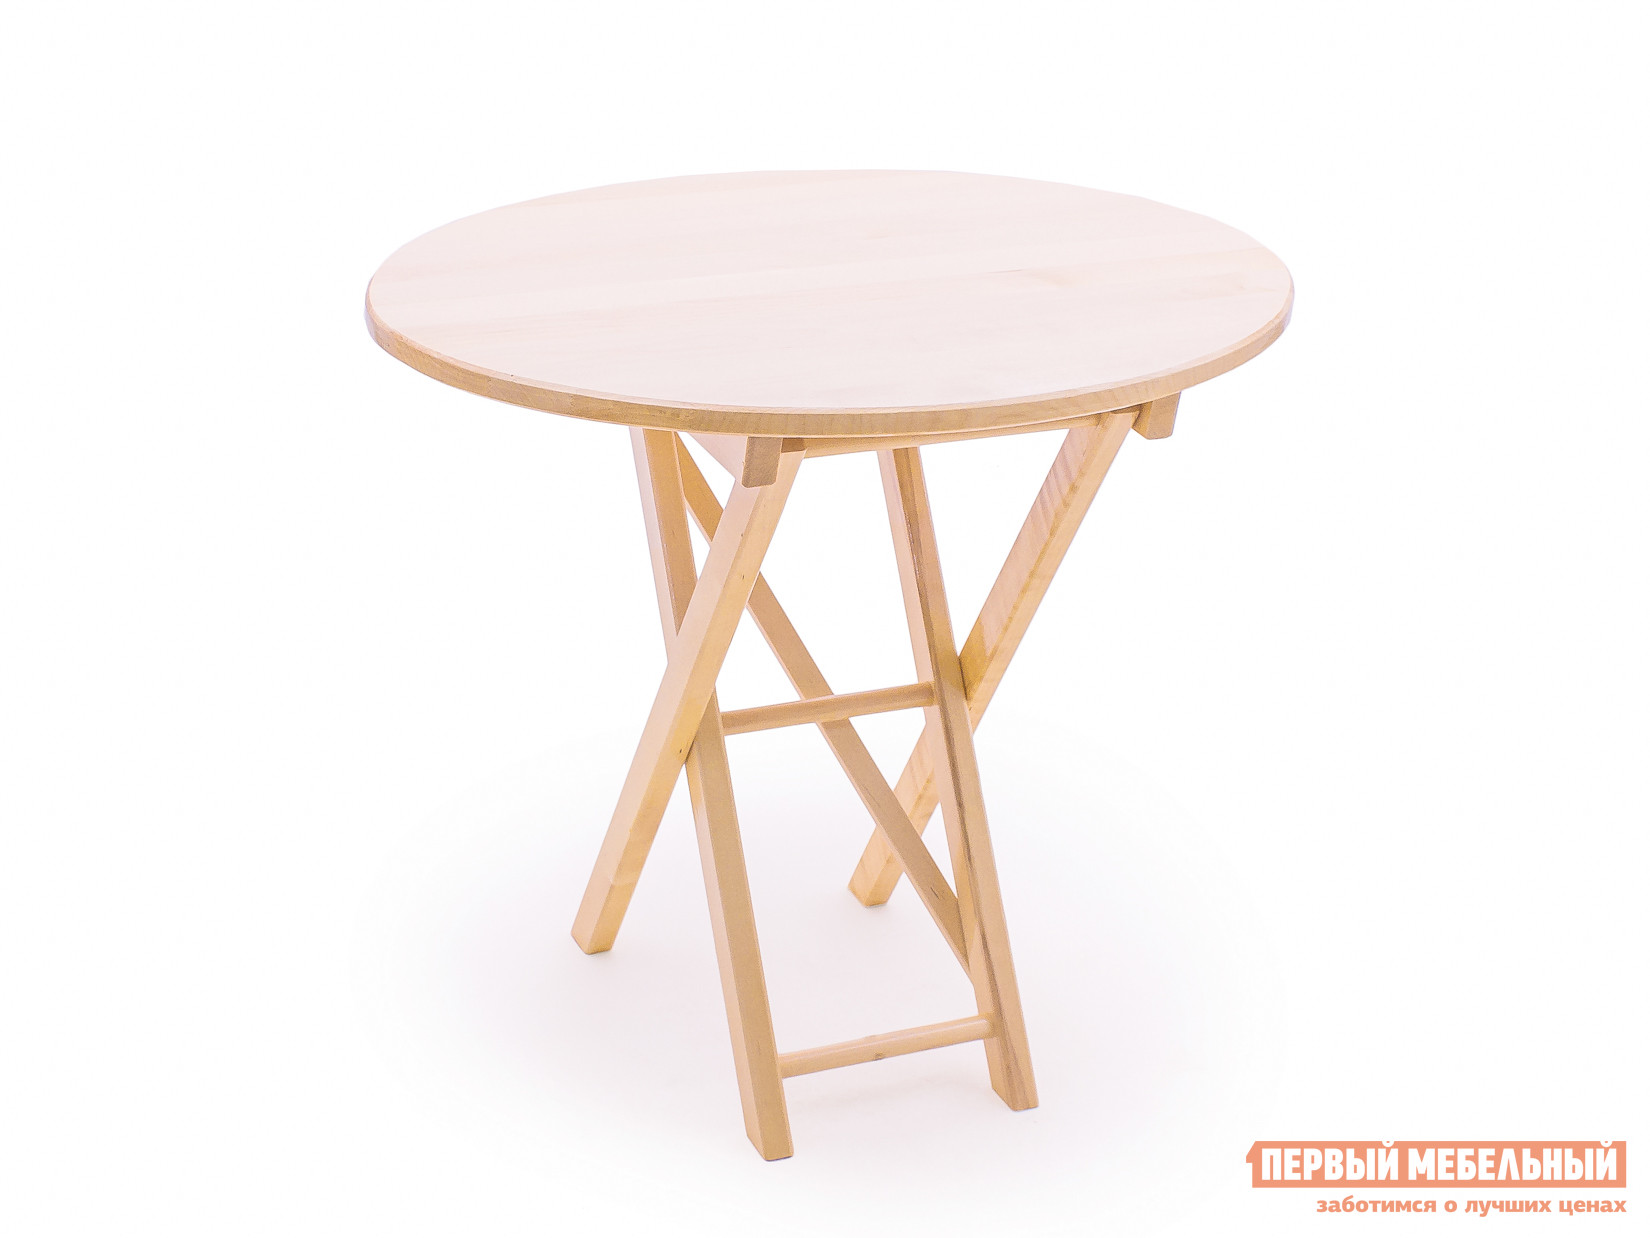 Купить со скидкой Садовый стол СМКА СМ049Б Береза, 650 мм